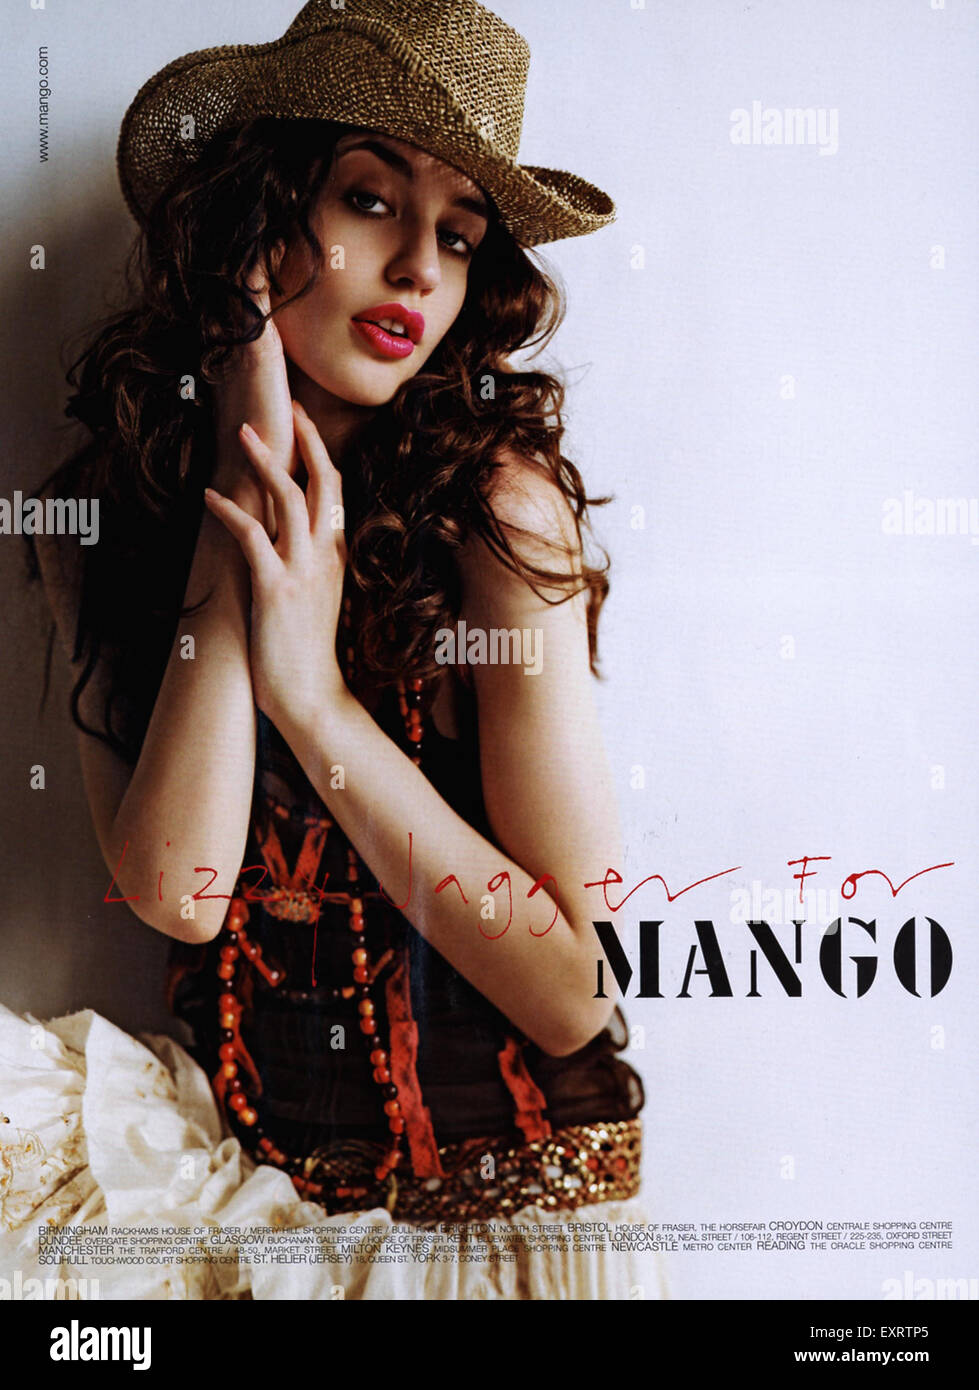 Mango Magazine Advert - Stock Image